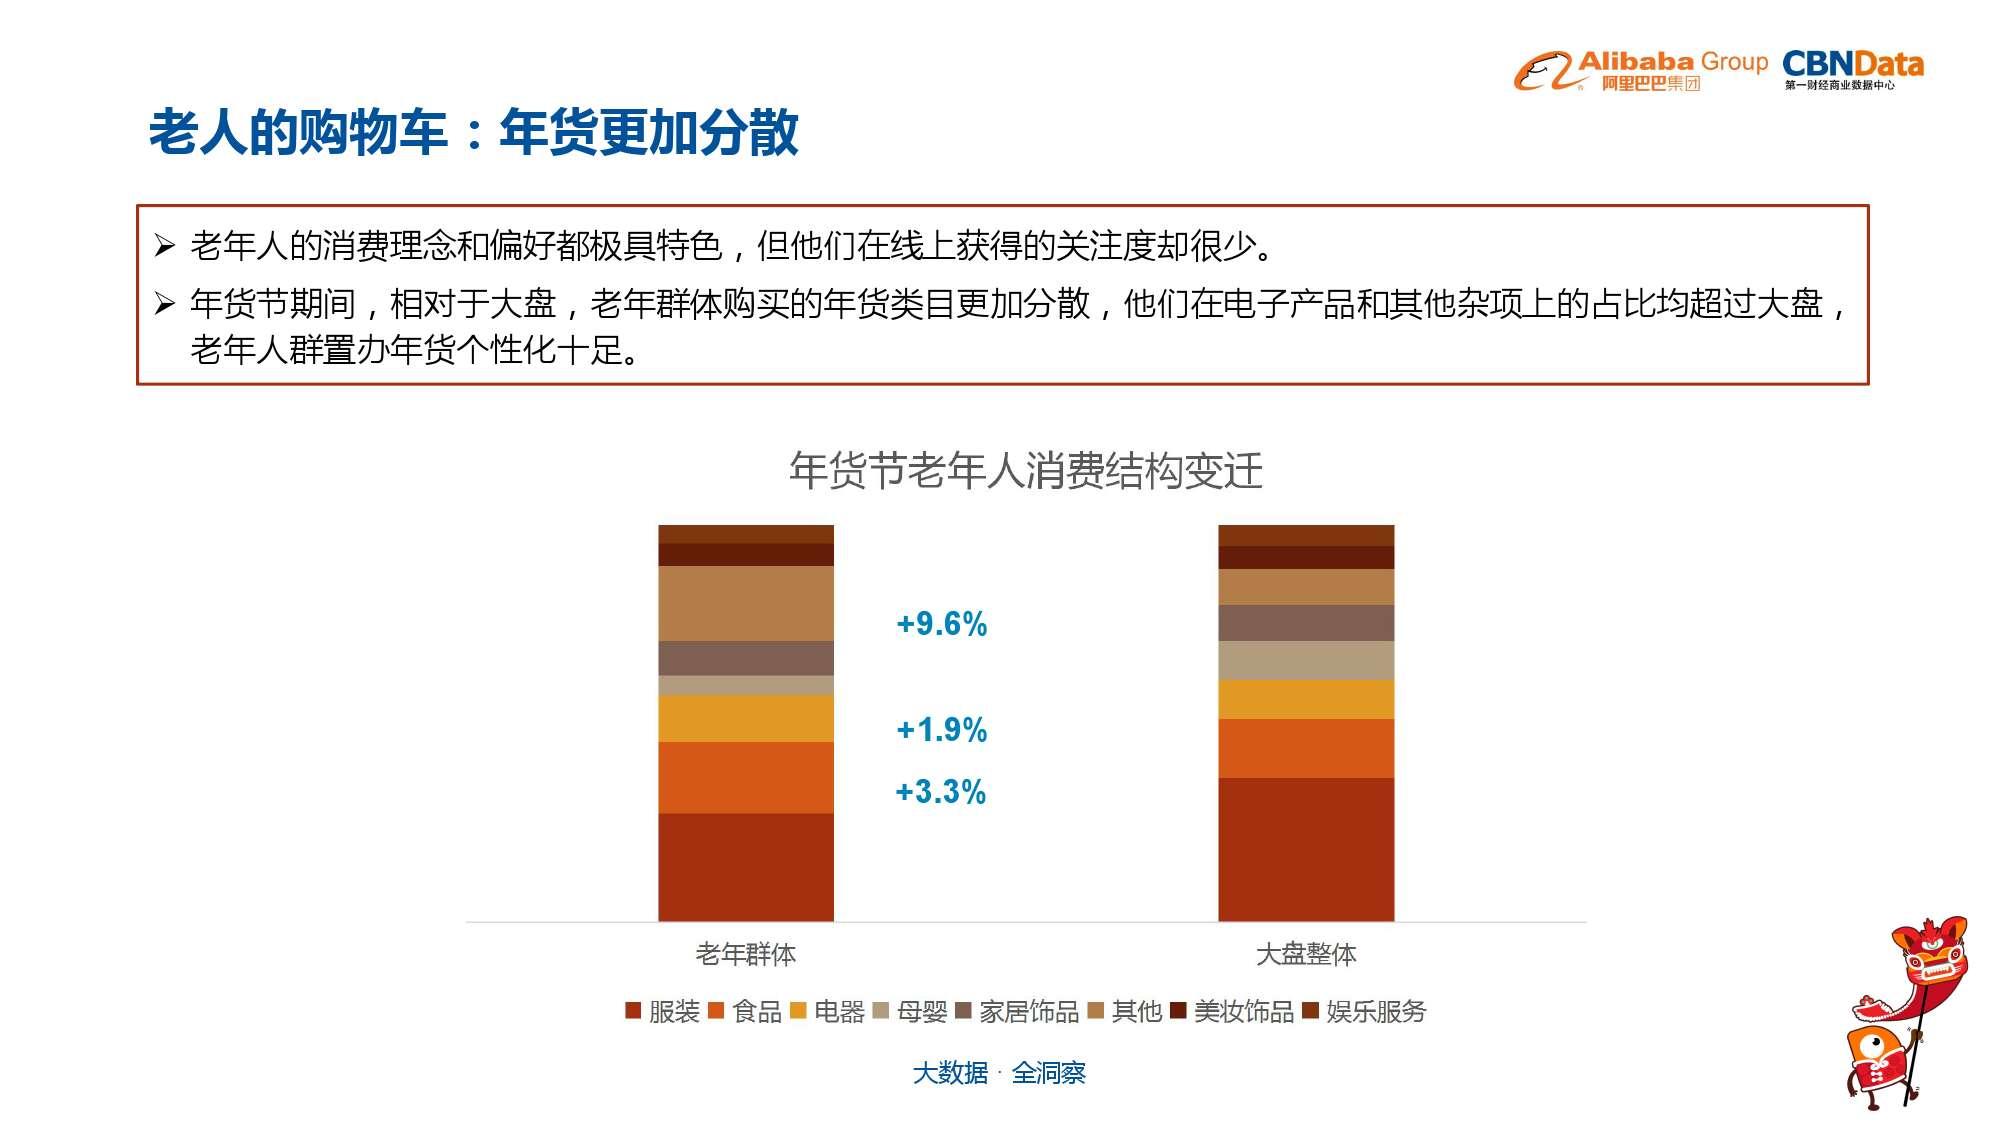 中国年货大数据报告_000039